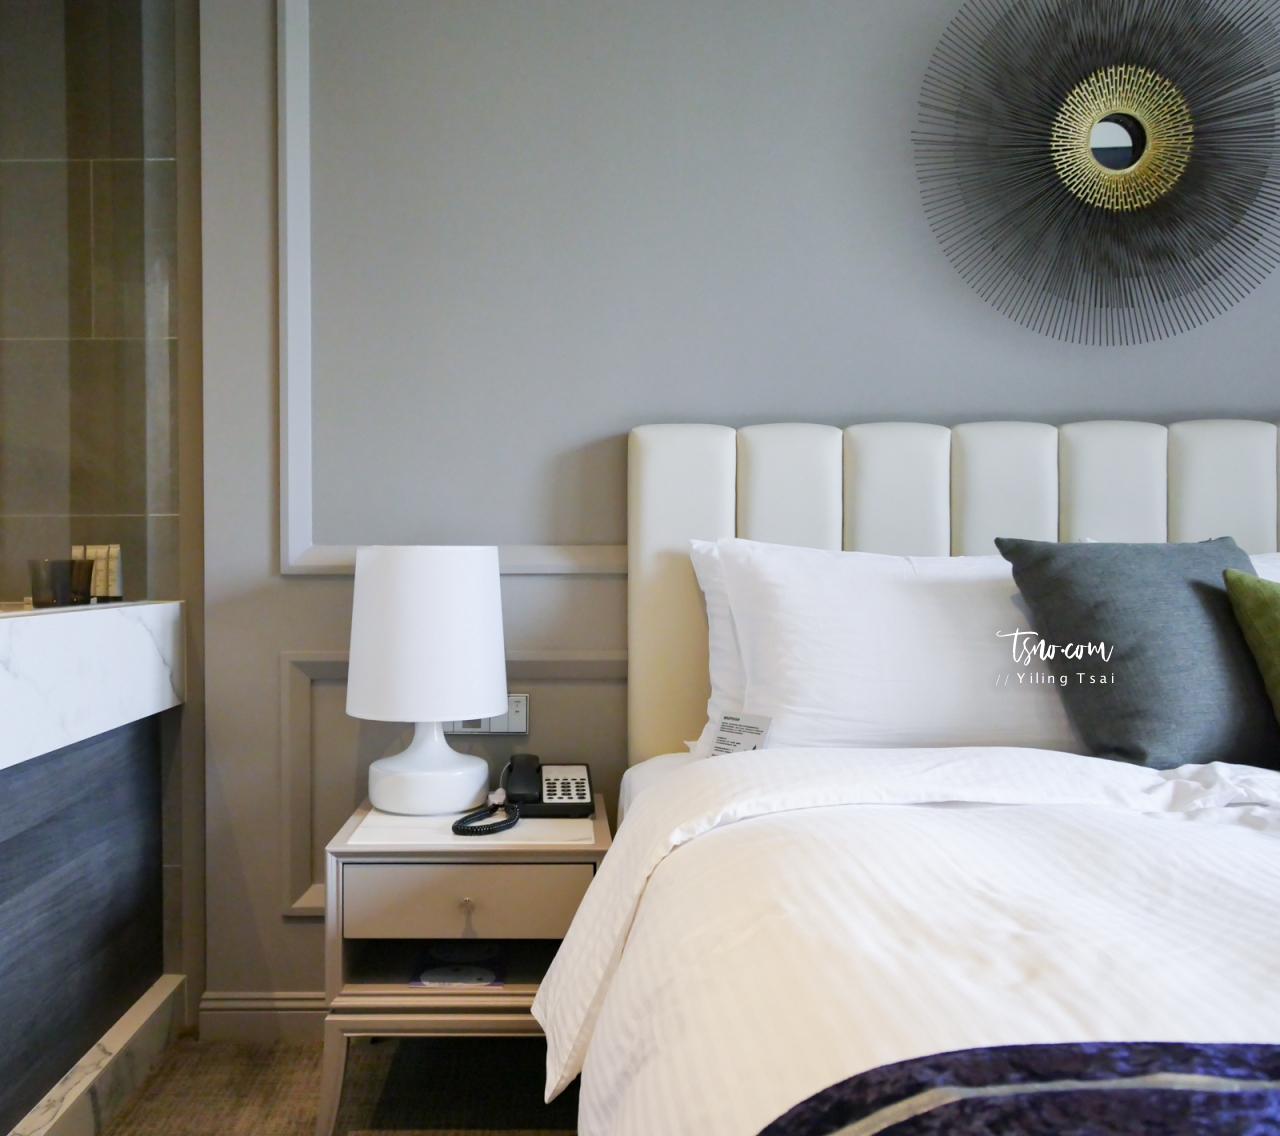 高雄飯店 帕可麗酒店 Park Lees Hotel 巨蛋站住宿 質感品味設計飯店